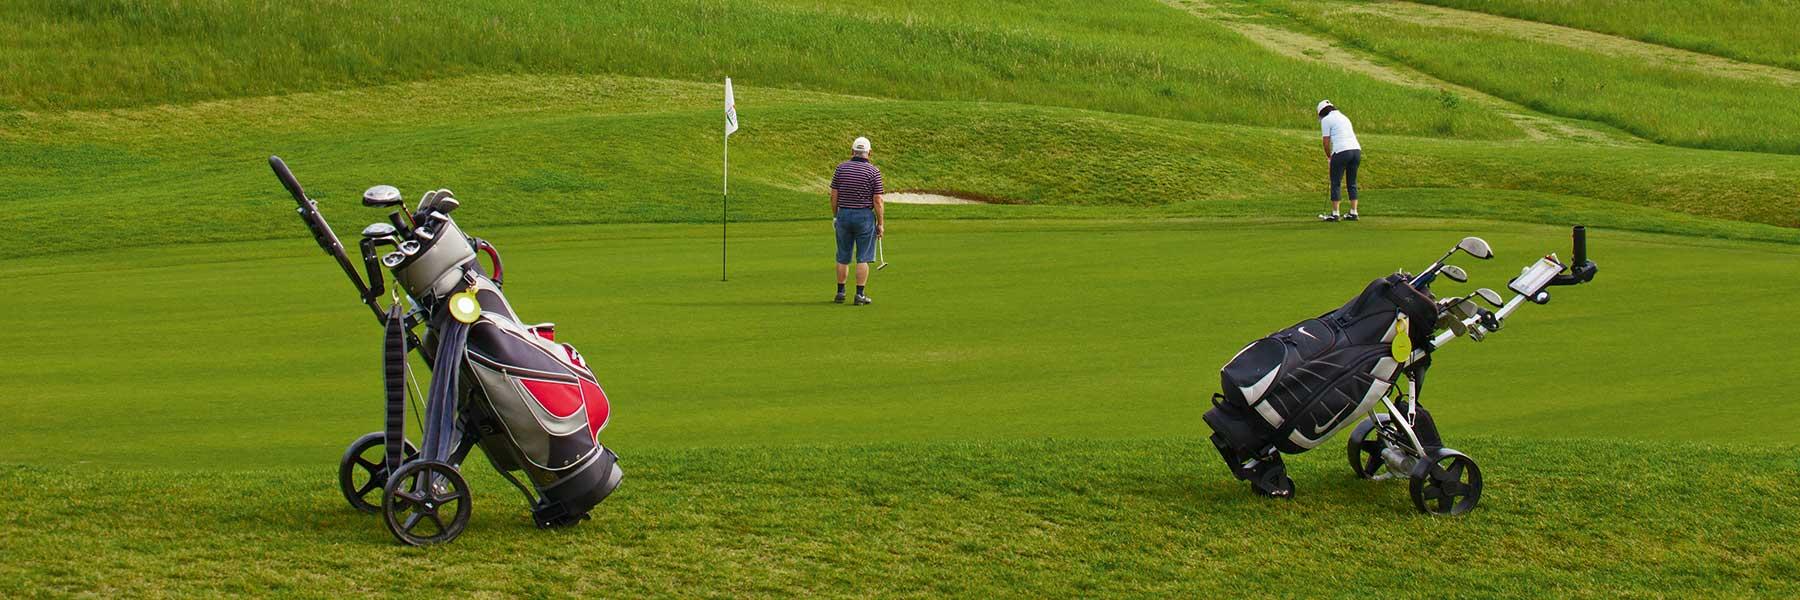 Golf spielen auf dem Bella Vista Golfpark in Bad Birnbach